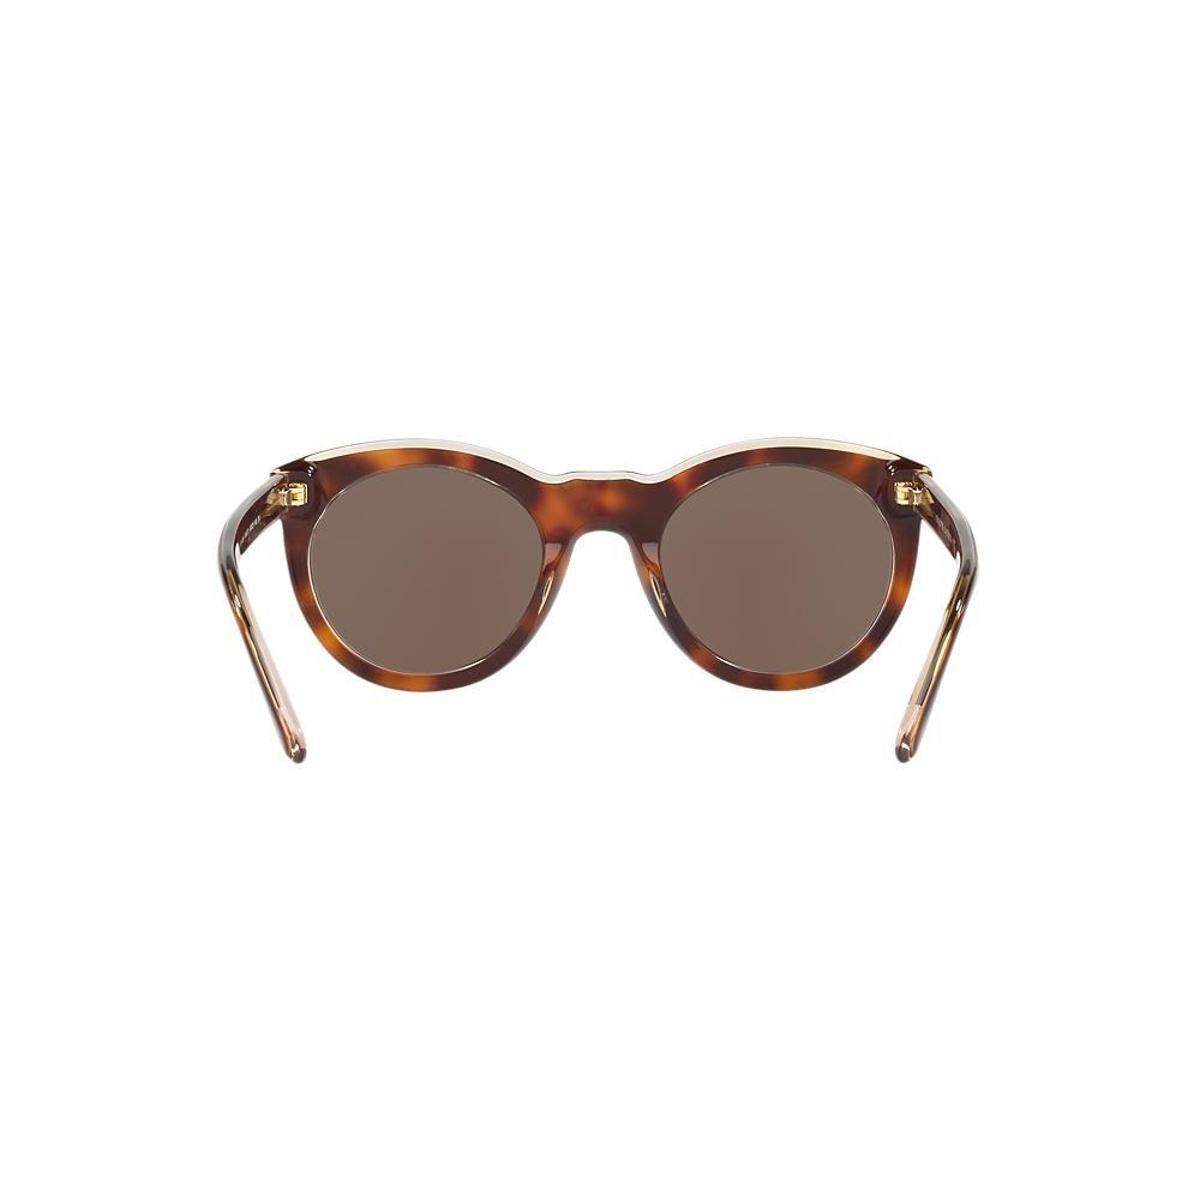 Óculos de Sol Polo Ralph Lauren Redondo PH4124 Feminino - Compre ... ba67658a4b